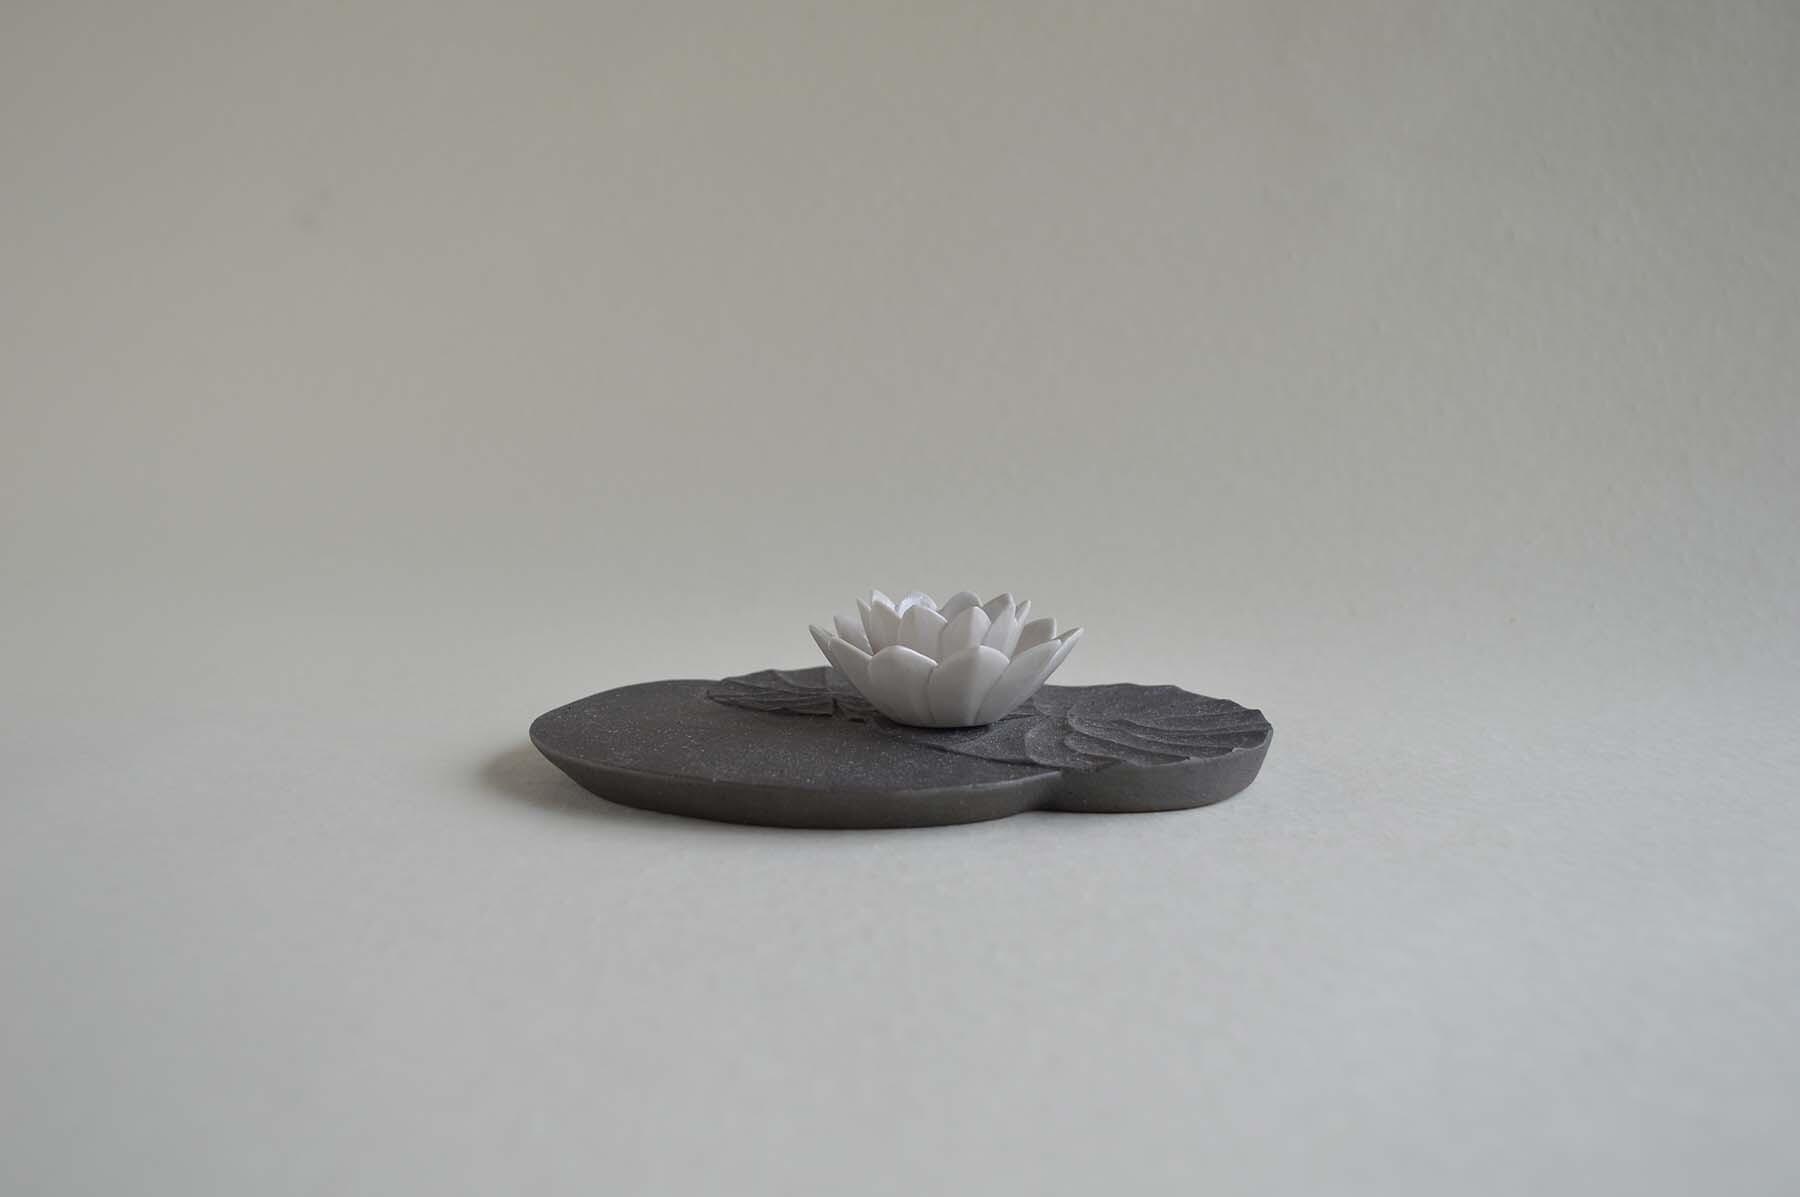 画像1: 香皿「睡蓮」 (1)